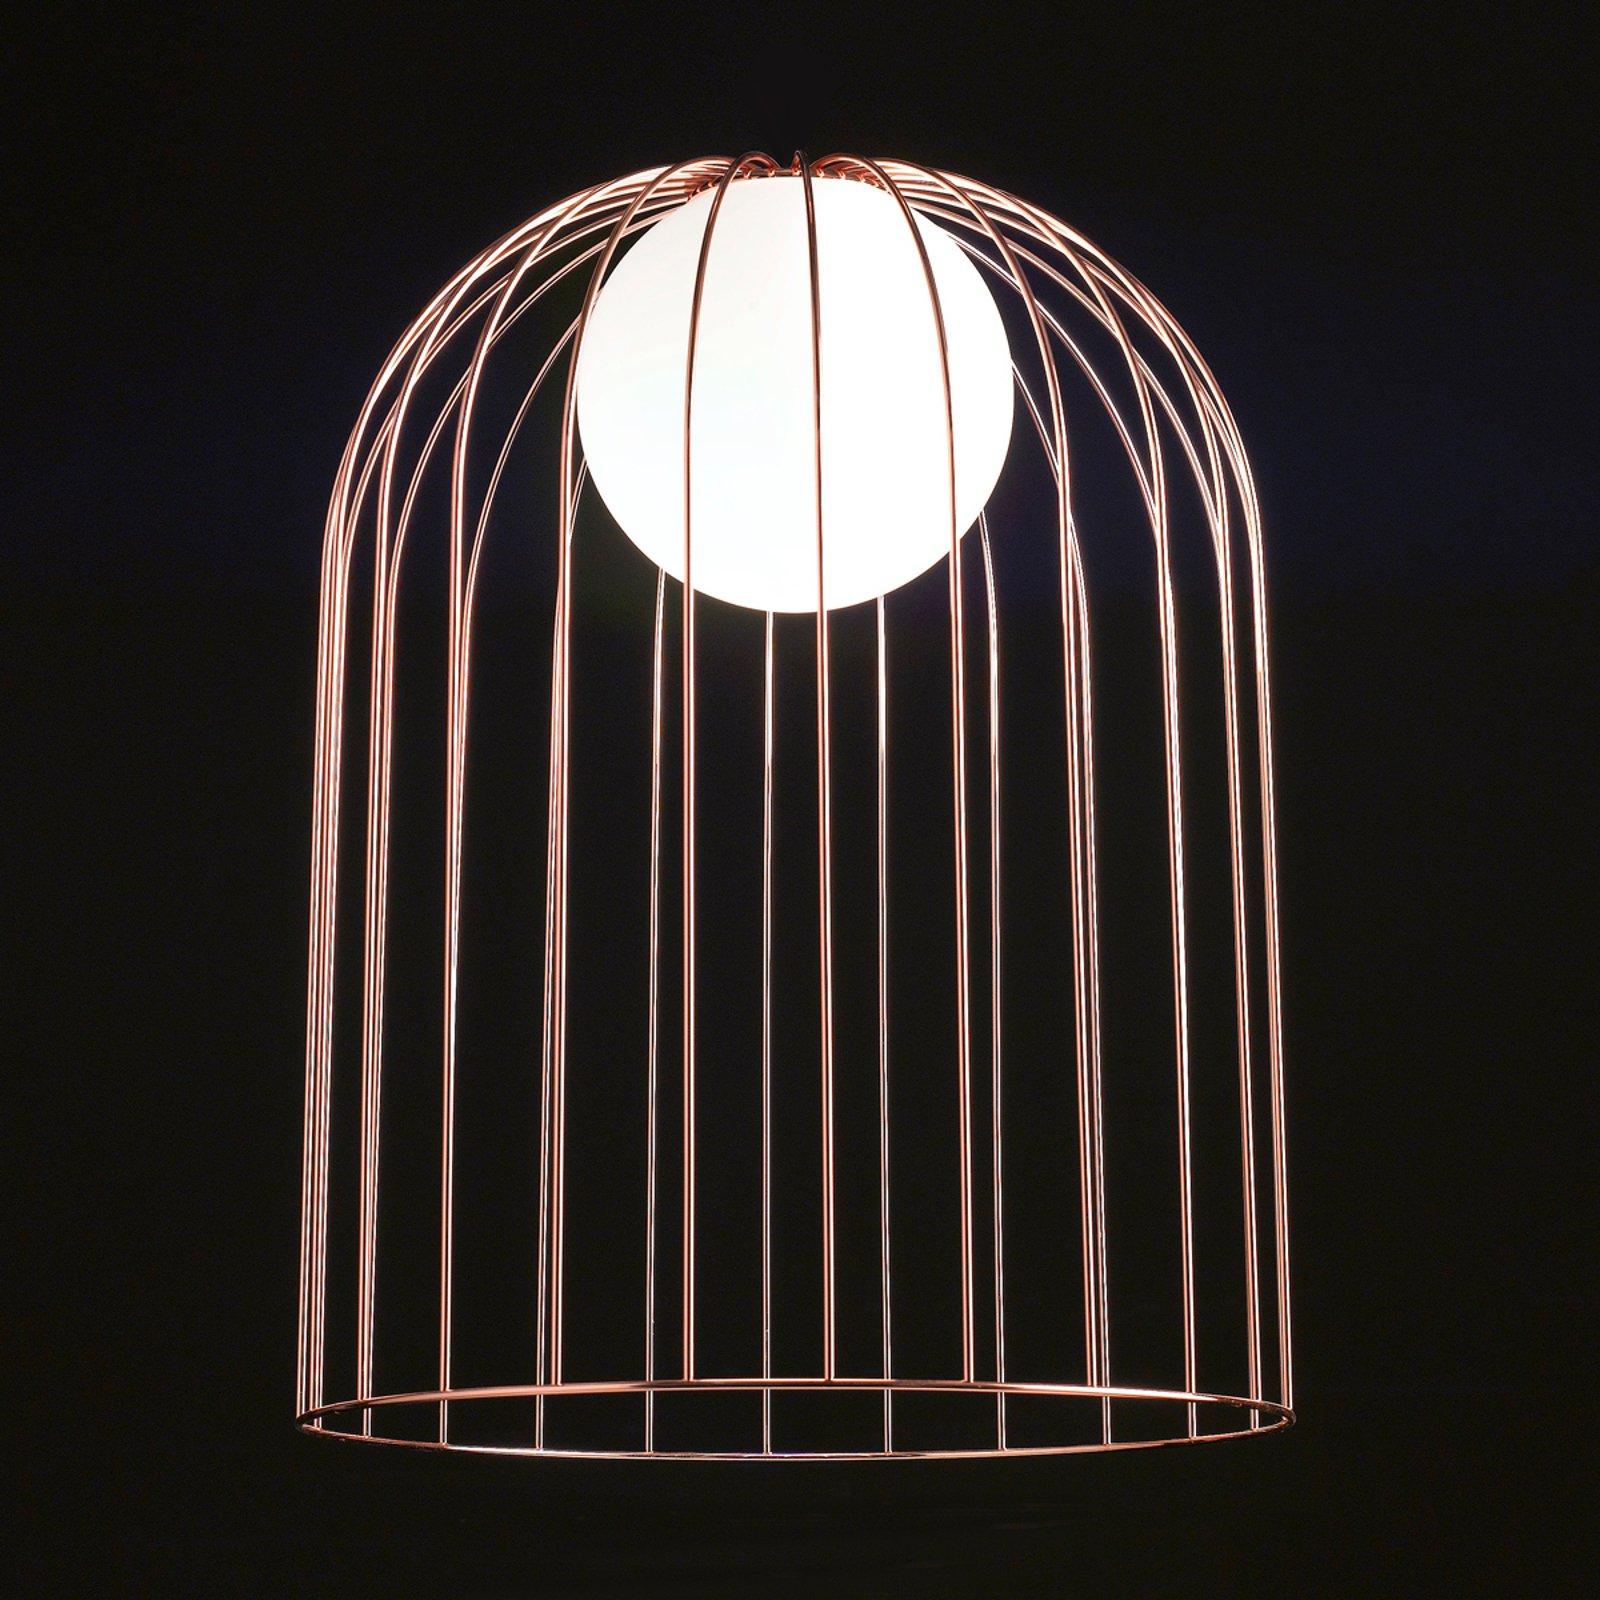 Kobberfarget metall-bordlampe Kluvi